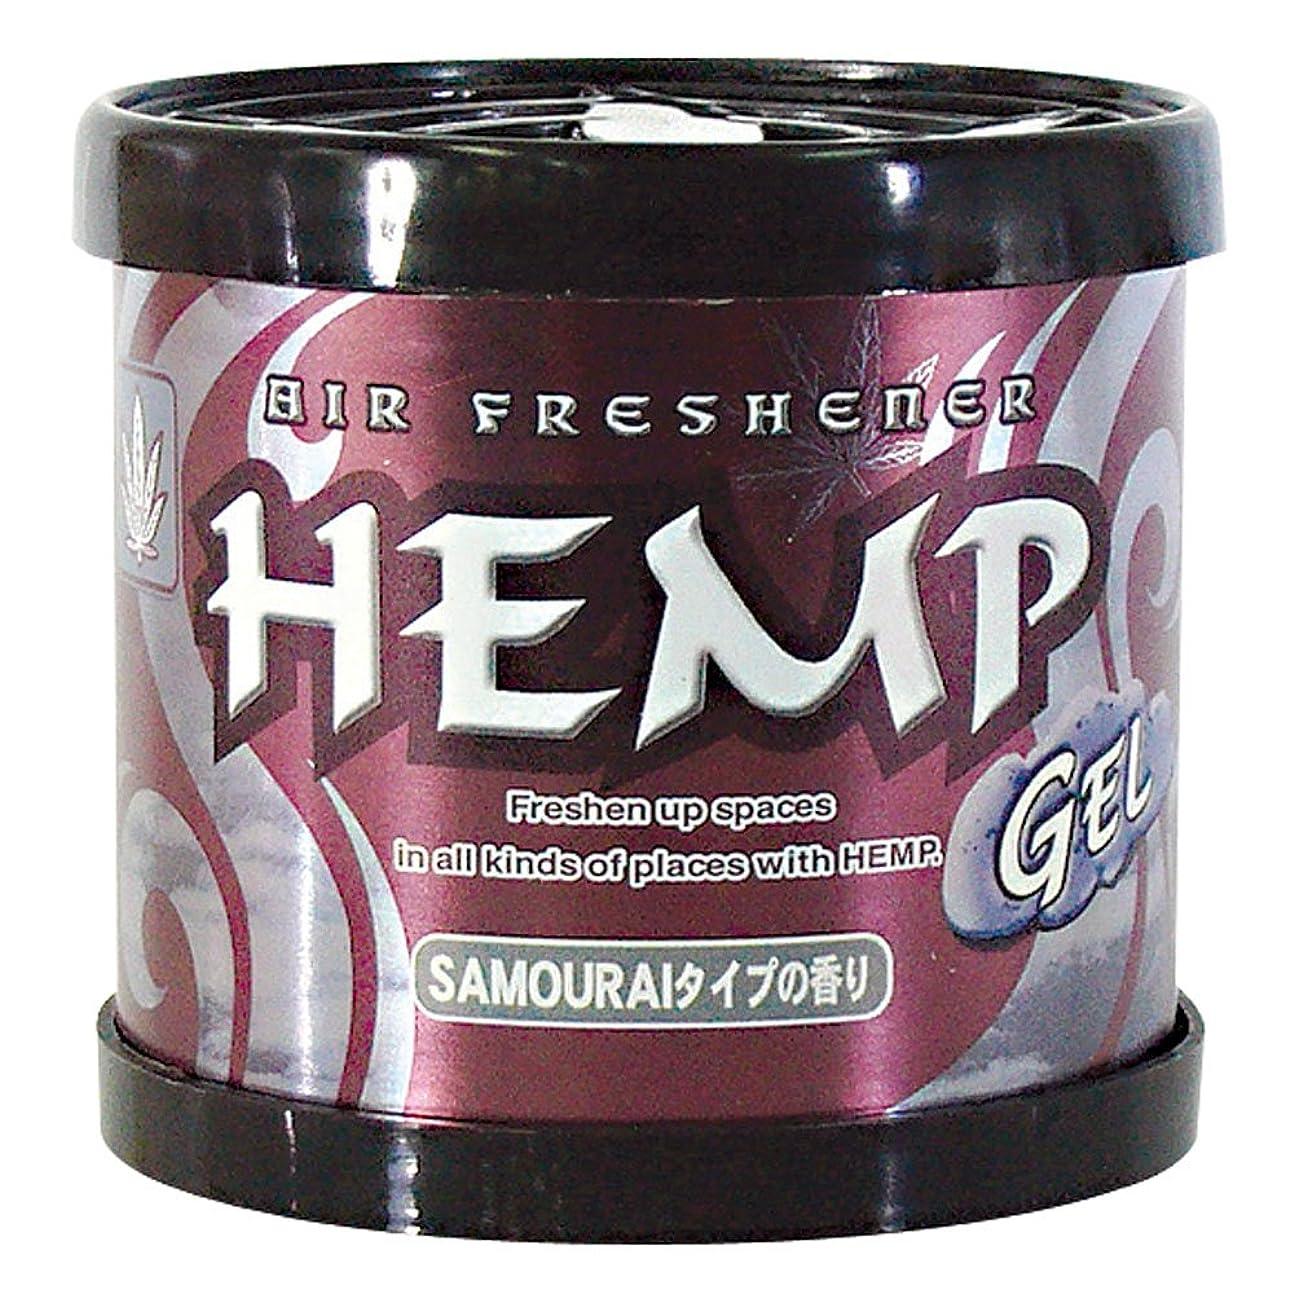 繁雑麻痺させる作りますHEMP フレグランスジェル サムライタイプの香り ペーパームーン 80g OA-HEG-1-10